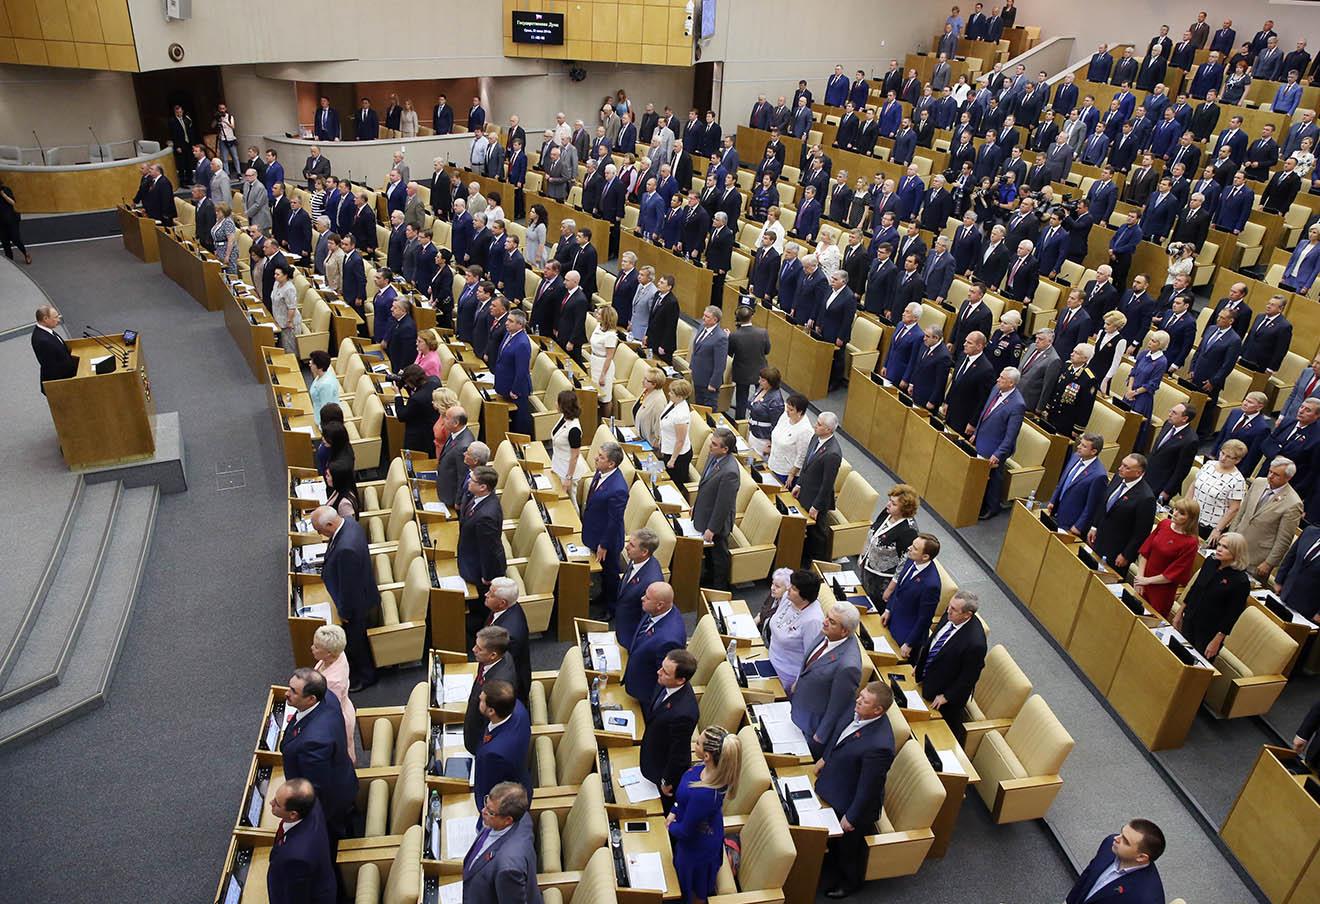 Владимир Путин и депутаты Госдумы РФ перед началом пленарного заседания, 22 июня 2016 года.